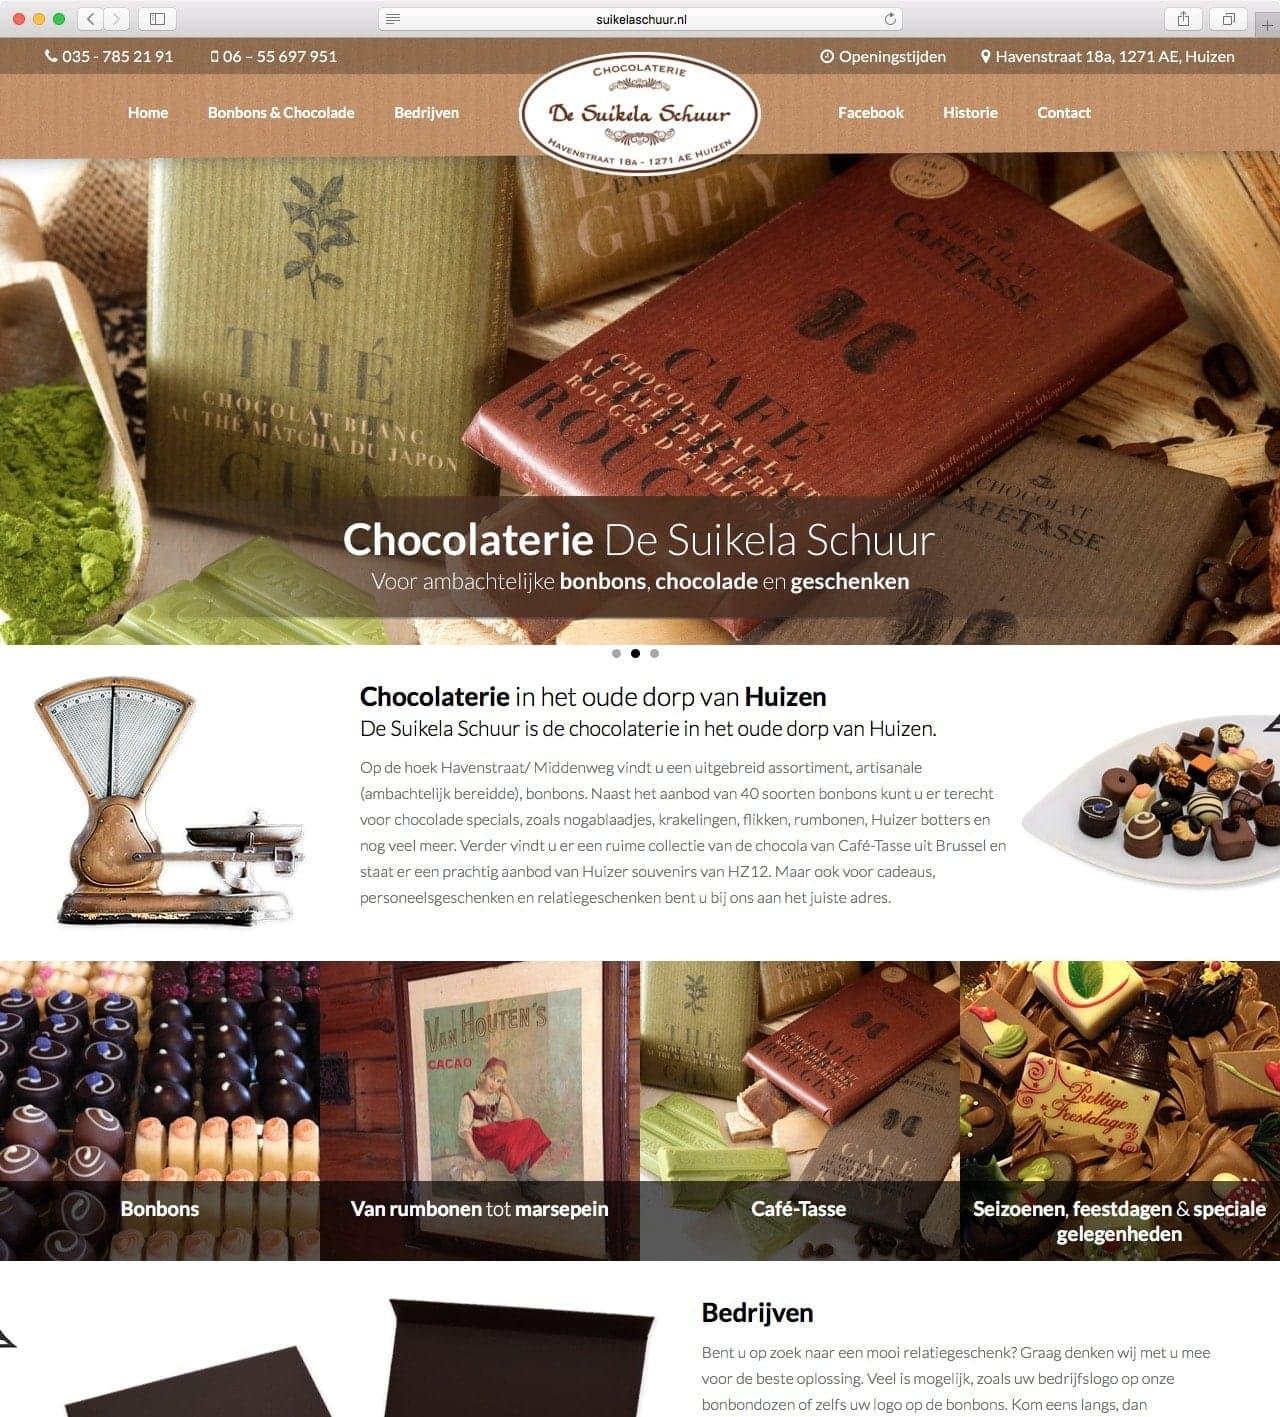 Chocolaterie de Suikela Schuur